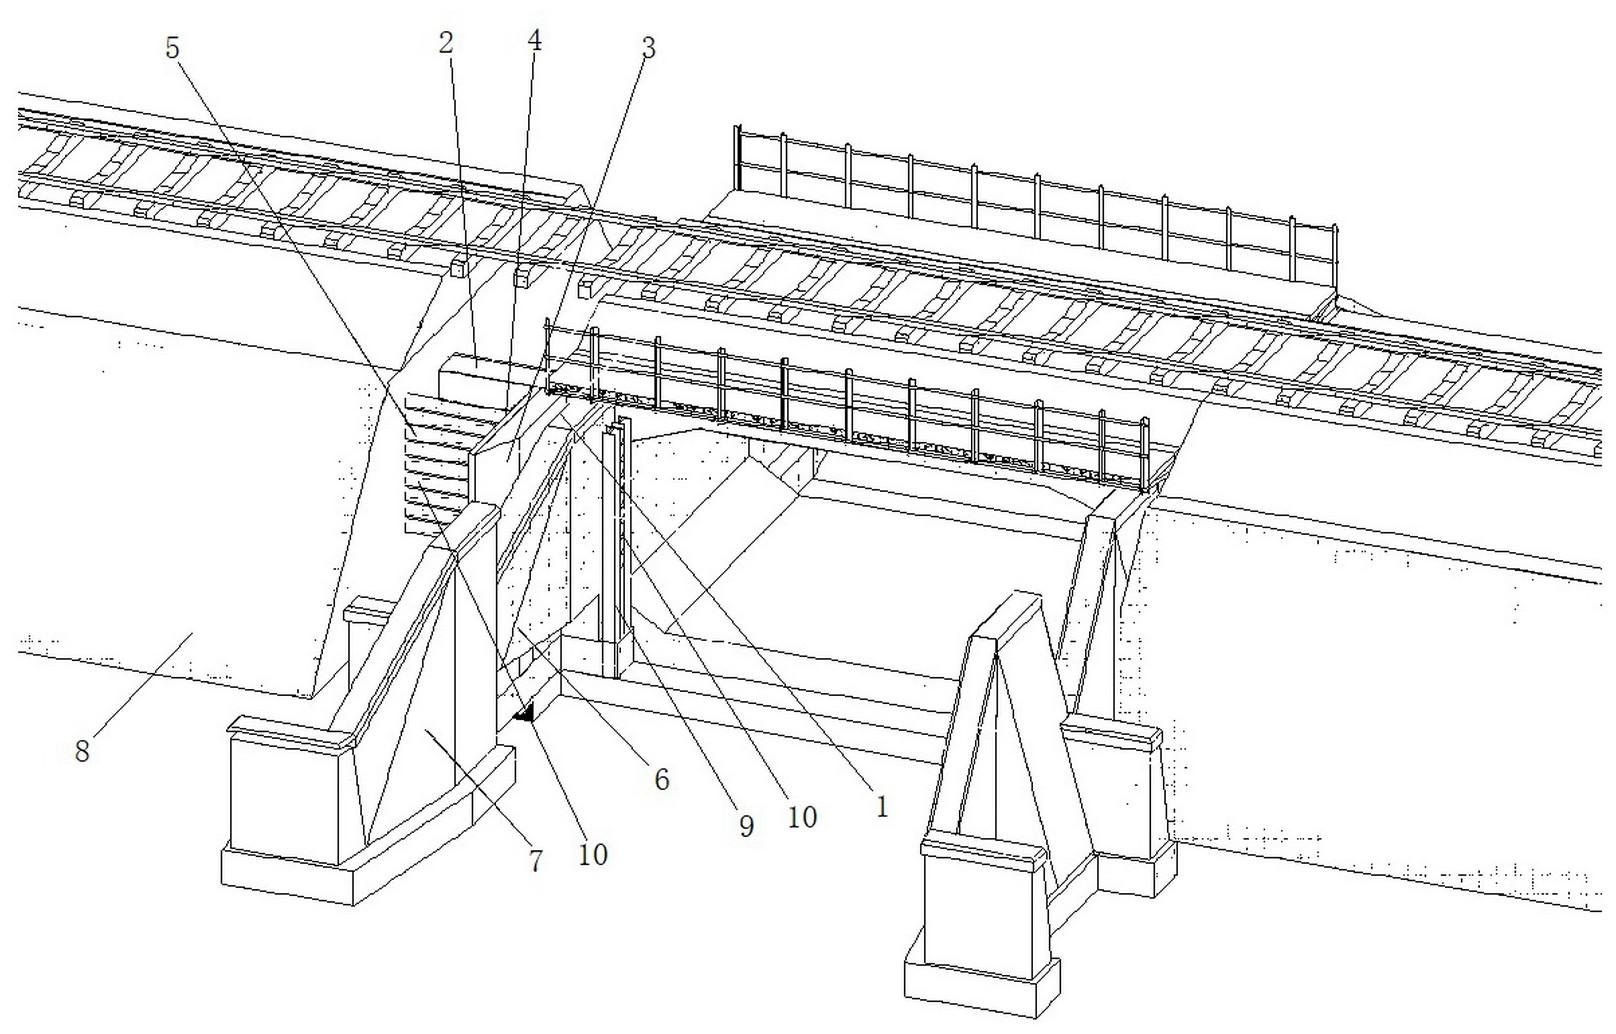 一种铁路桥涵接长侧路基加固方法